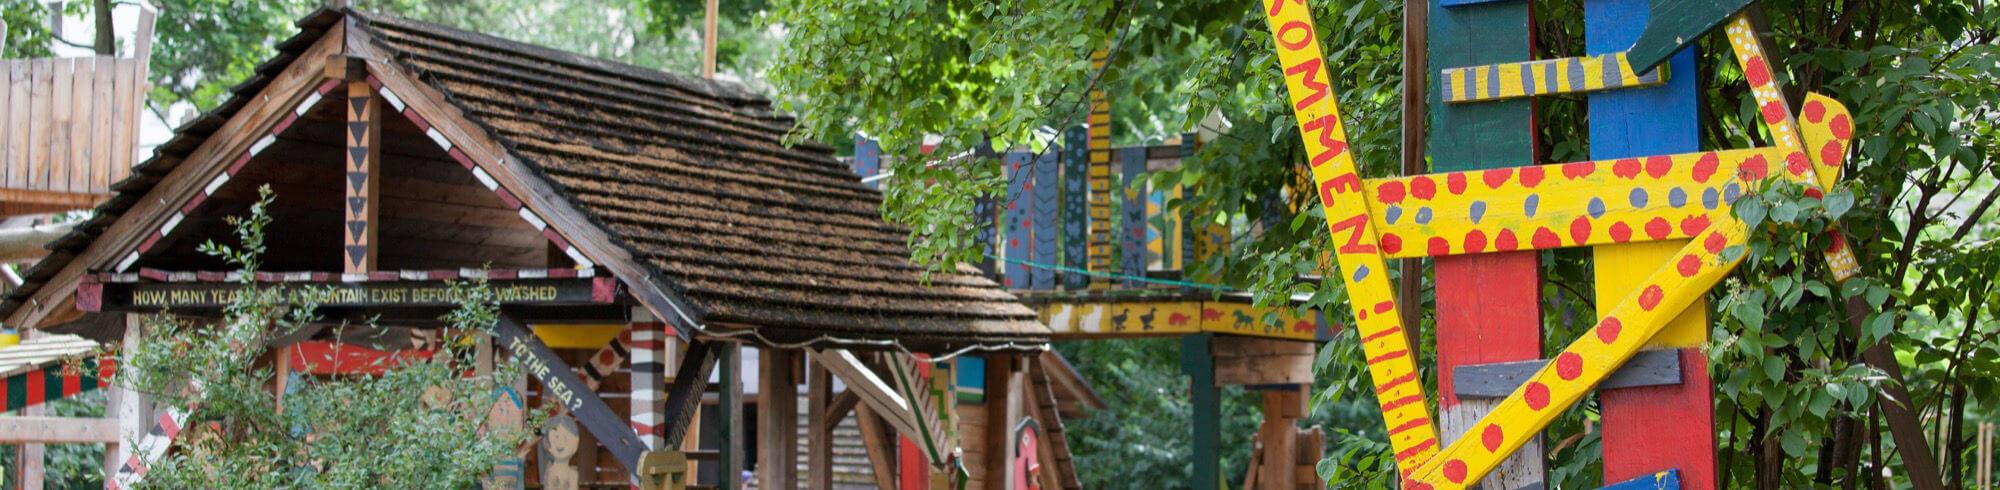 Hütte des Abenteuerspielplatzes mit Schild im Vordergrund